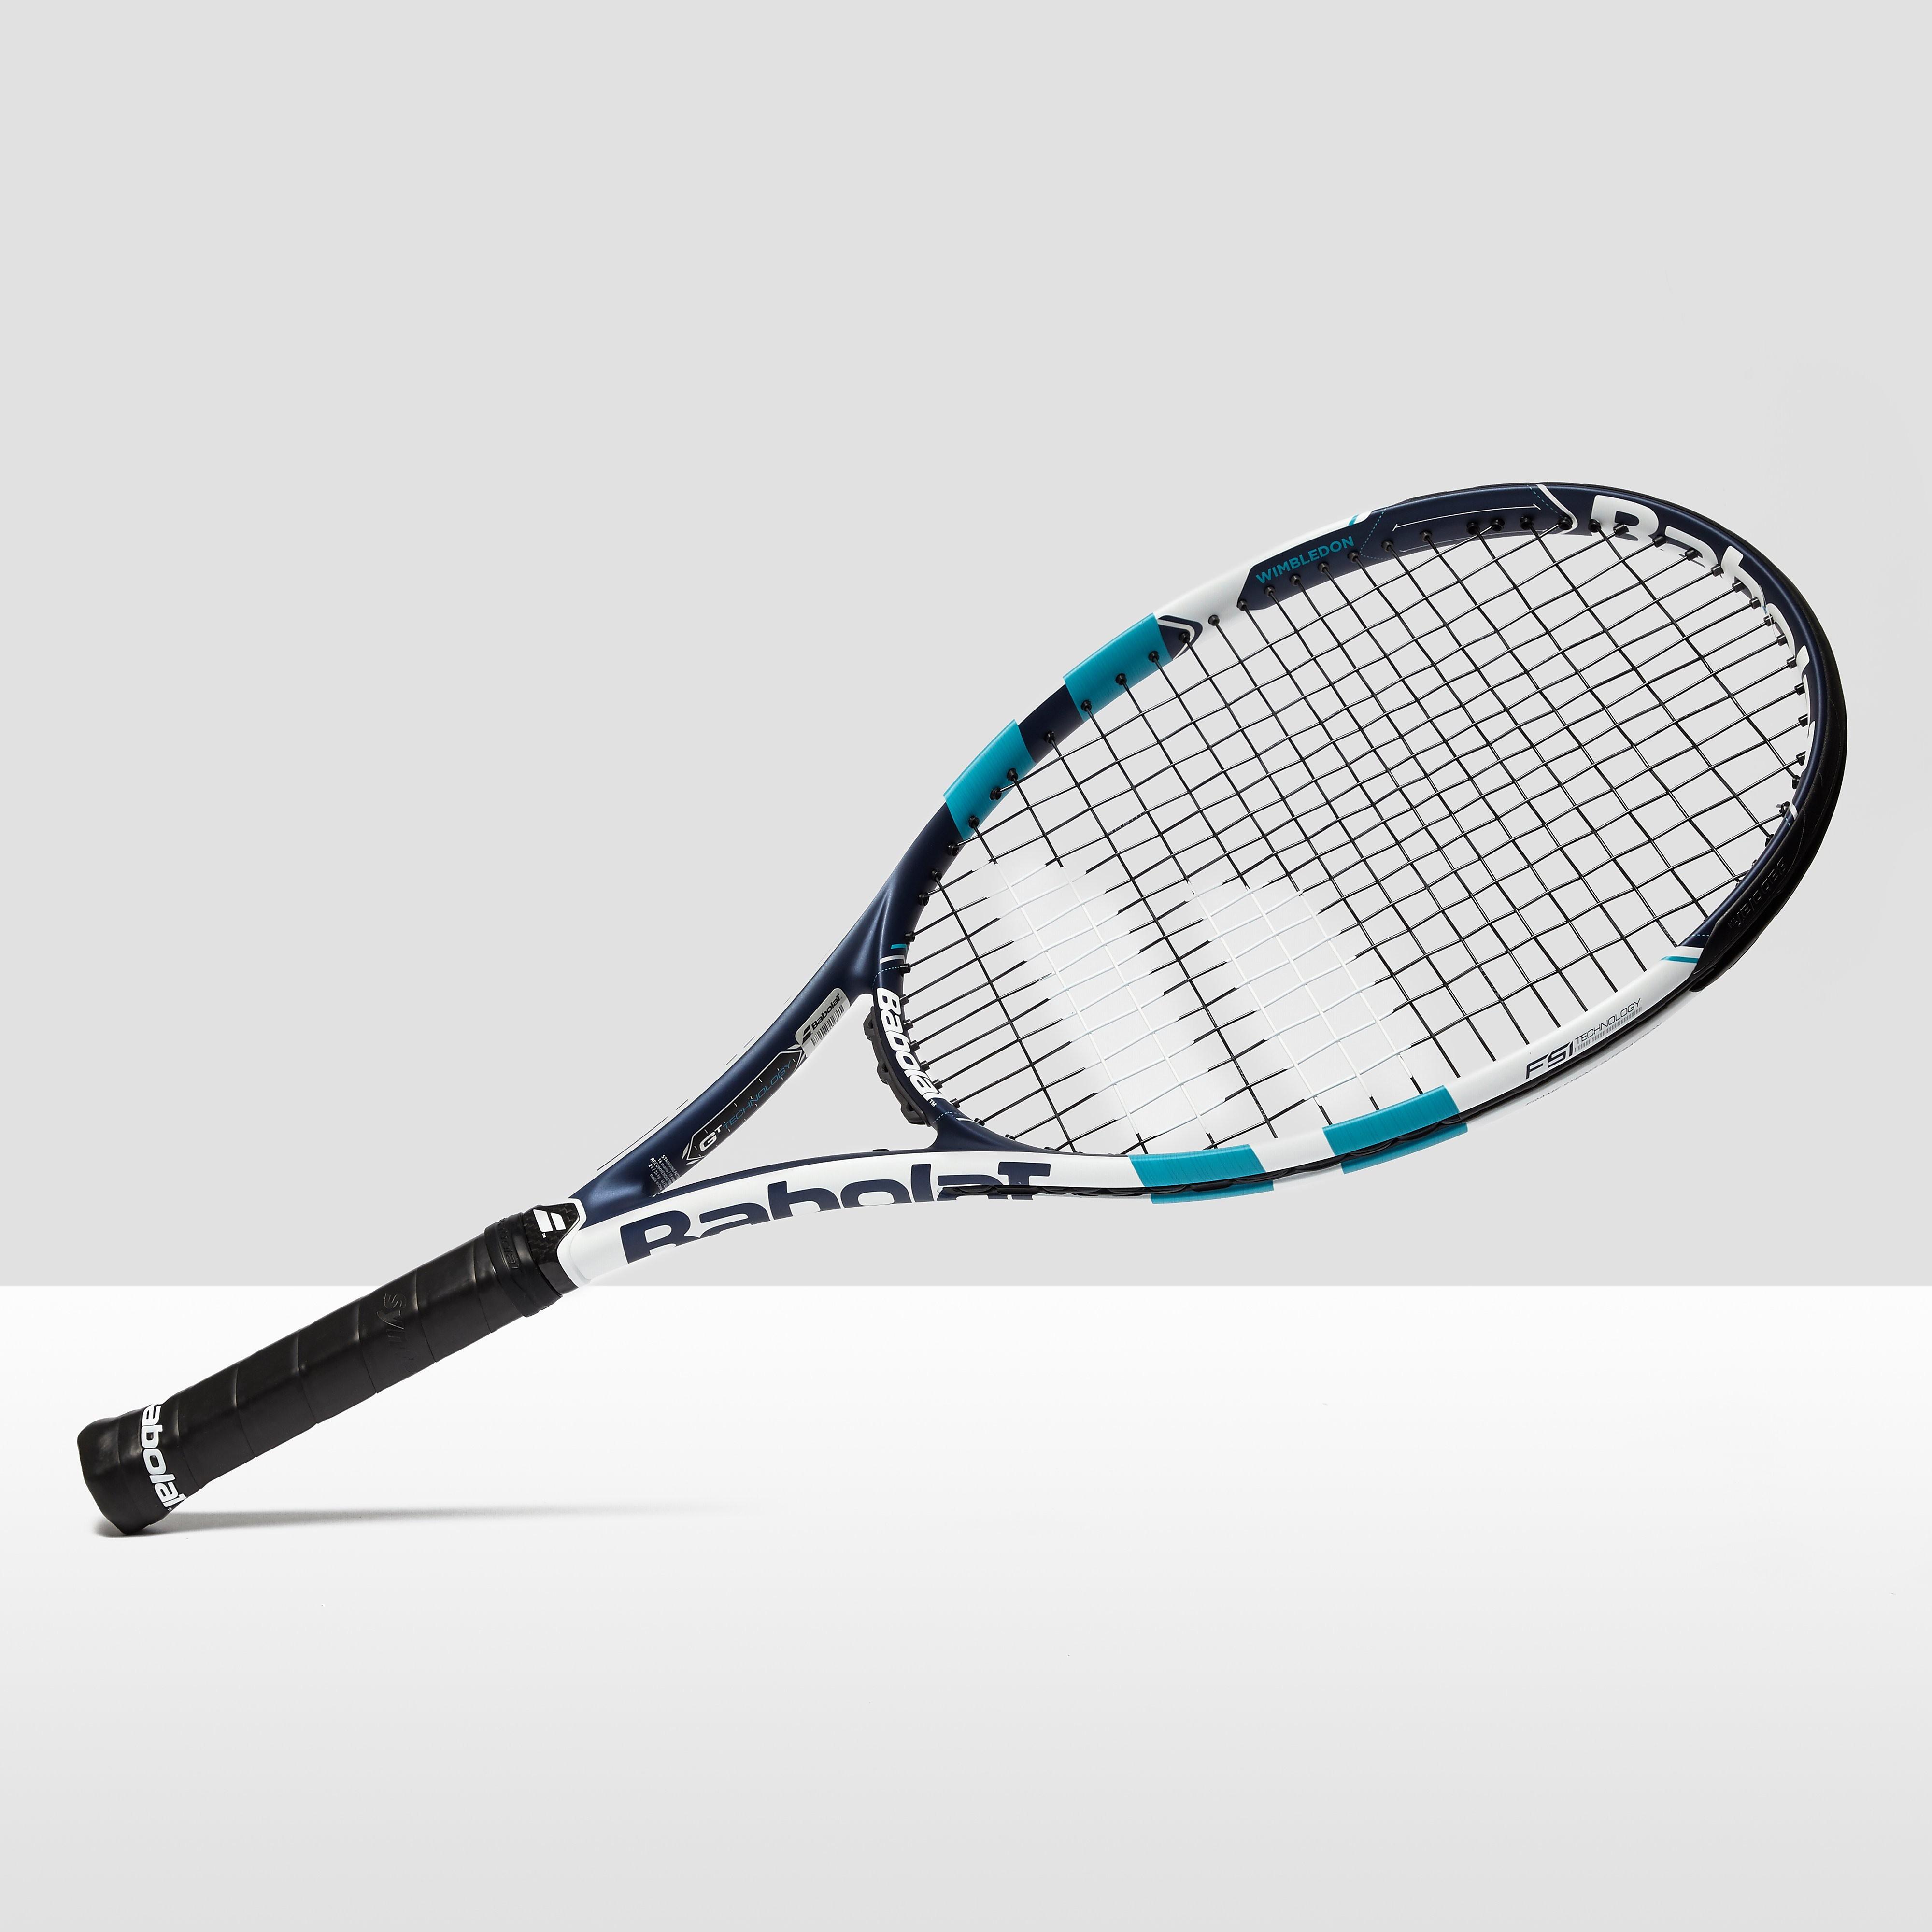 Babolat Pure Drive 26 Wimbledon Junior Tennis Racket